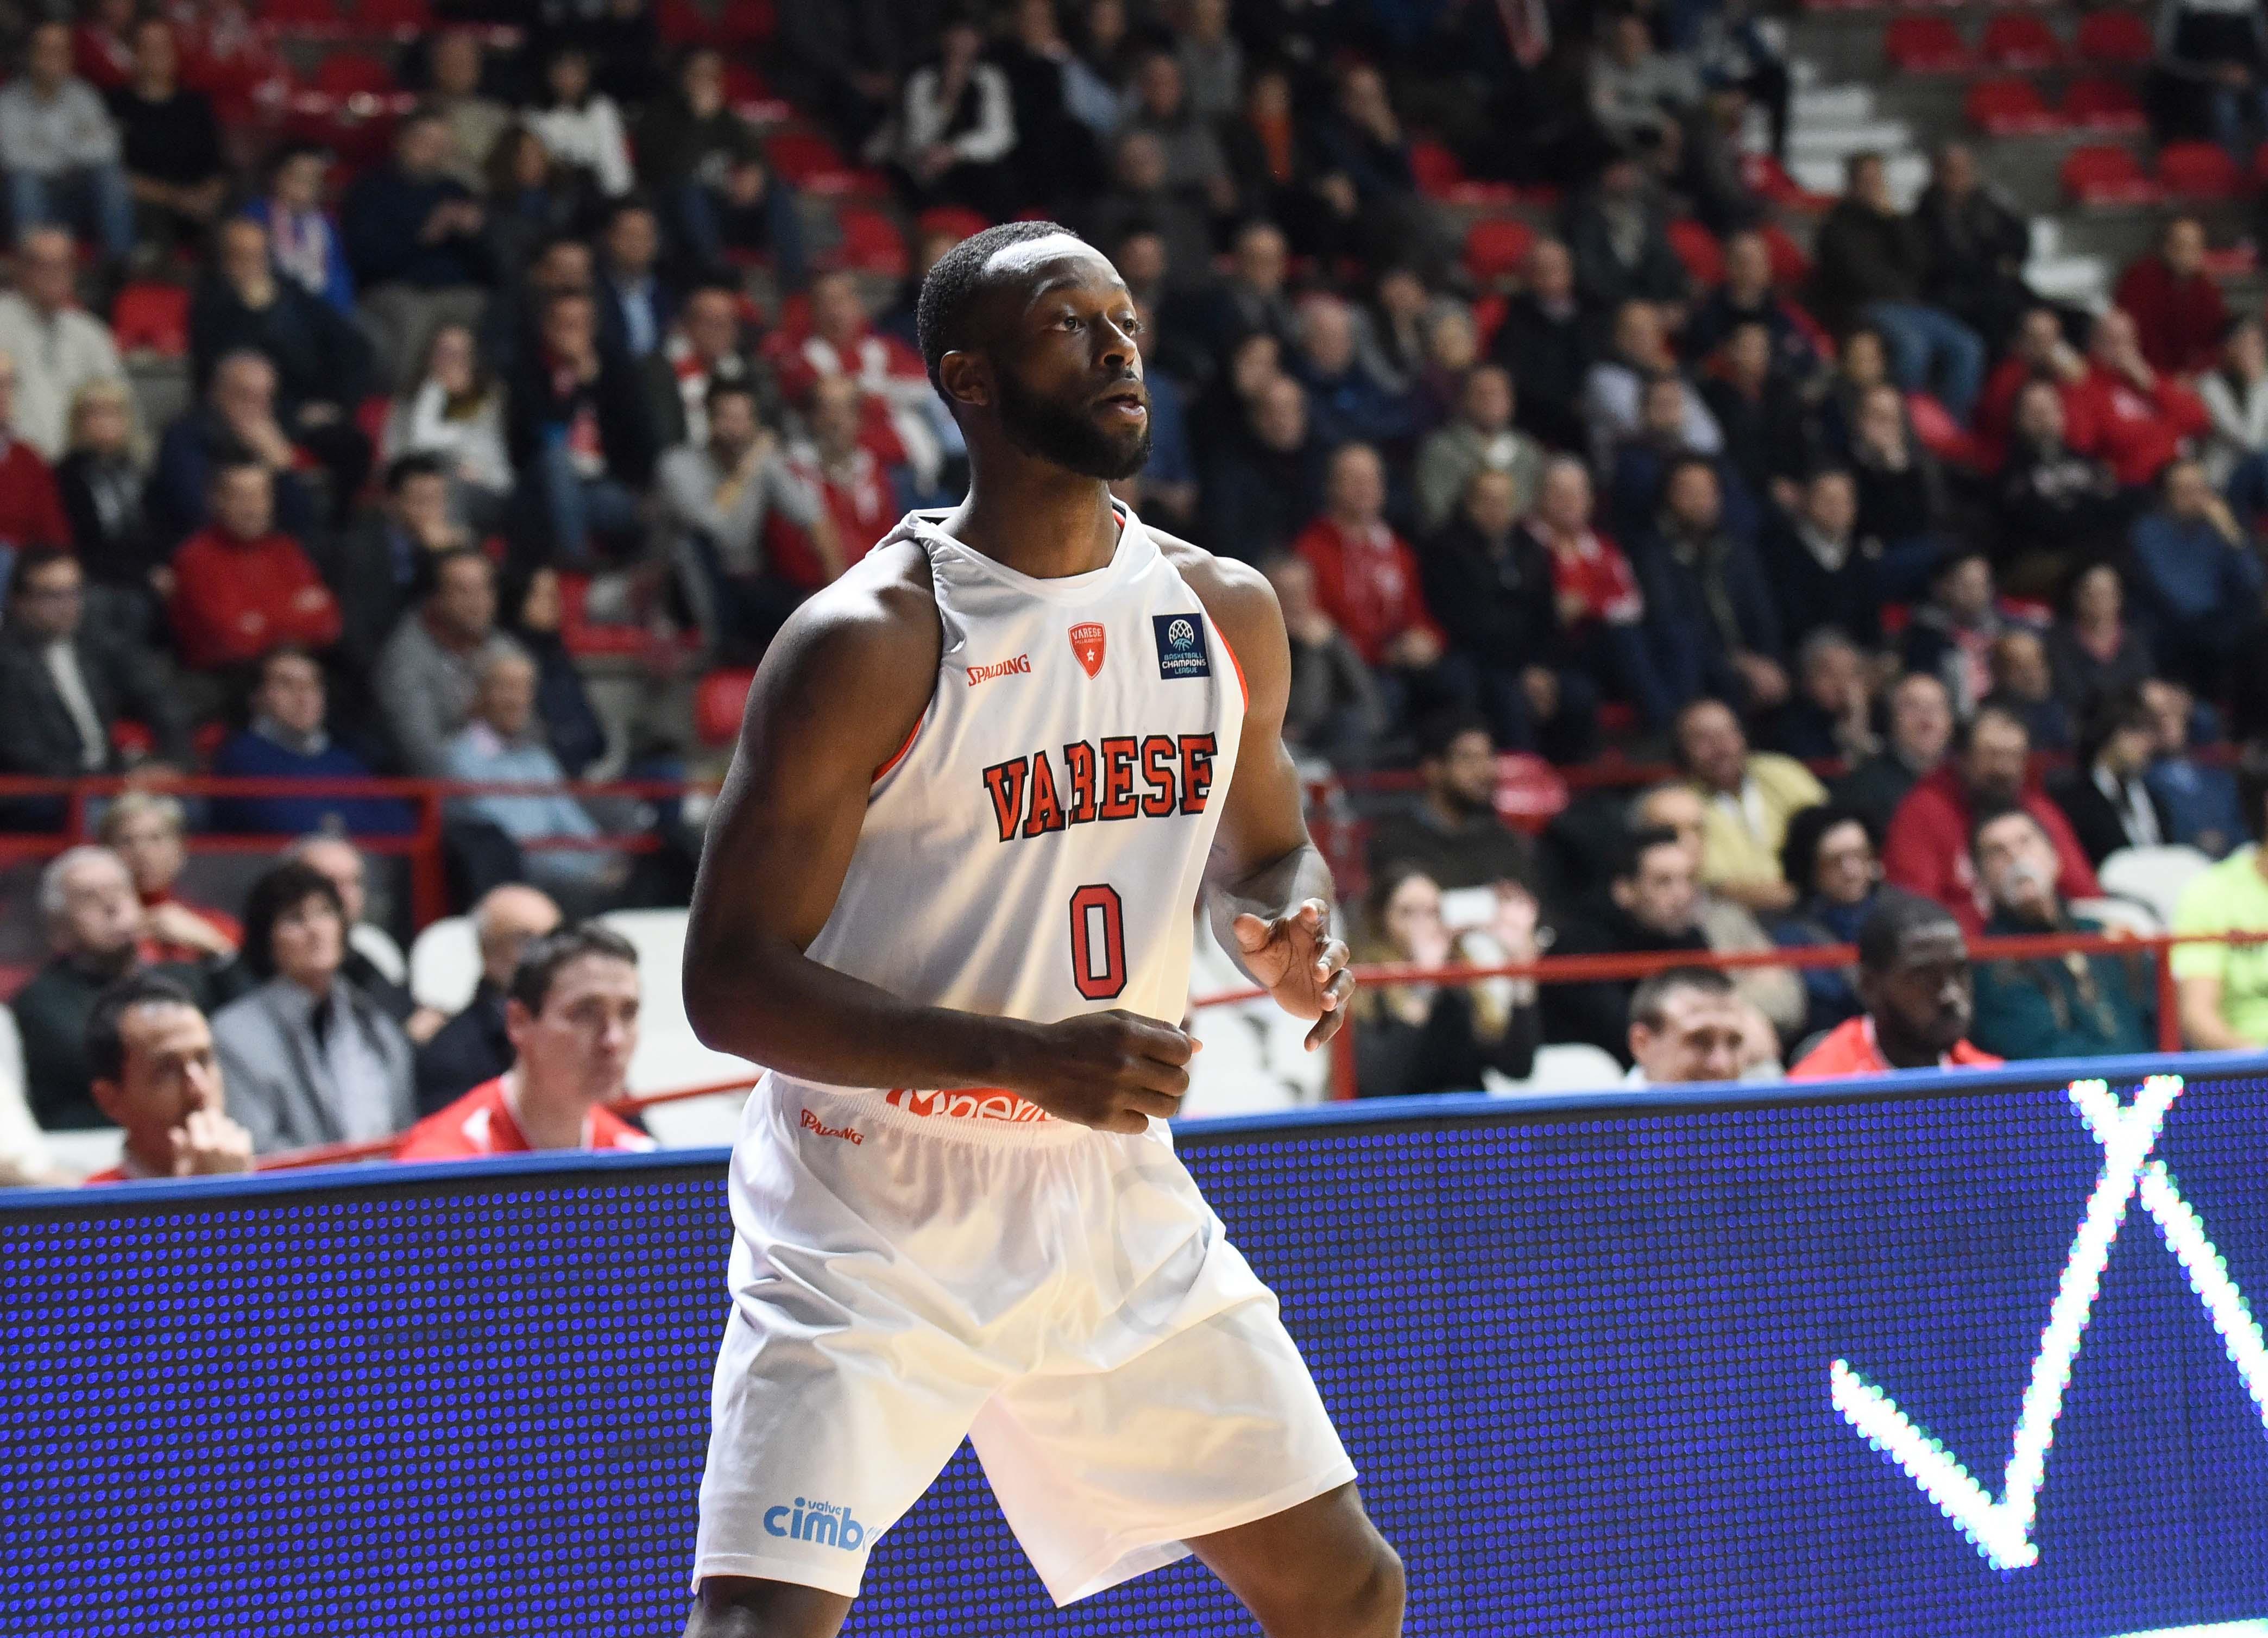 Calendario Legabasket.Calendario Legabasket Si Parte Con Venezia Poi Triplo